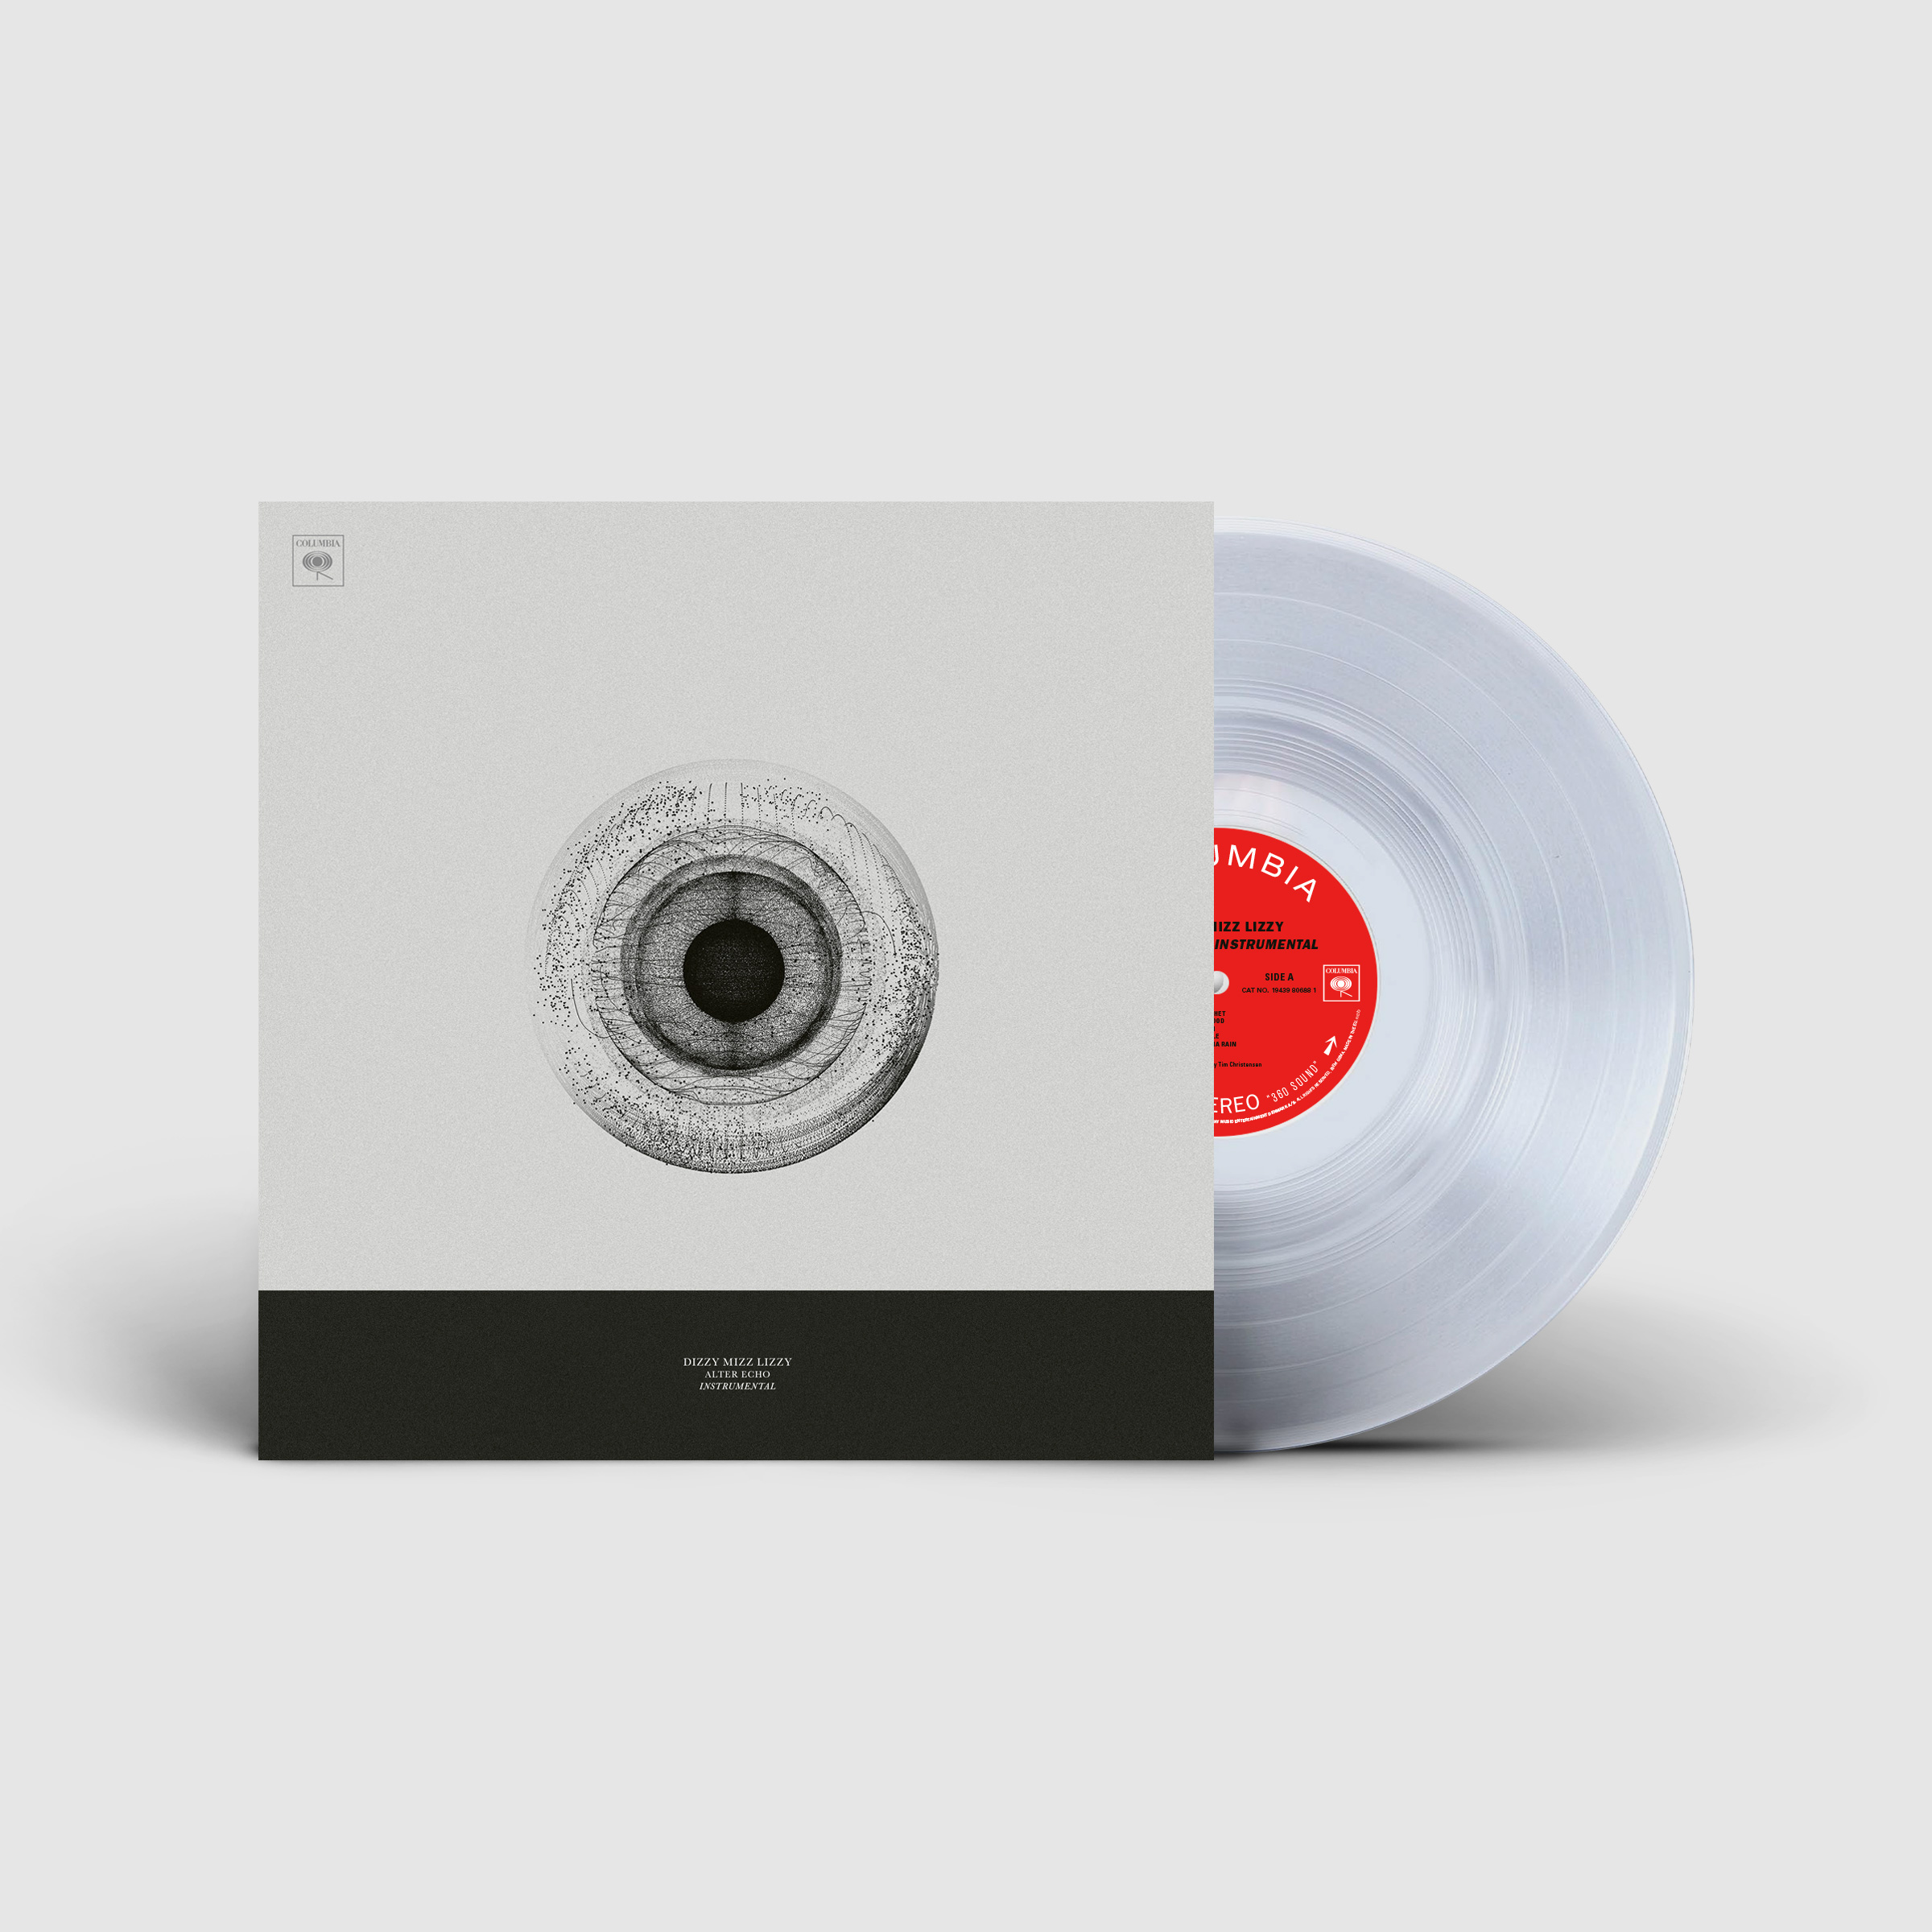 Alter Echo (Instrumental) - Dizzy Mizz Lizzy - Musik -  - 0194398068817 - 7/4-2021